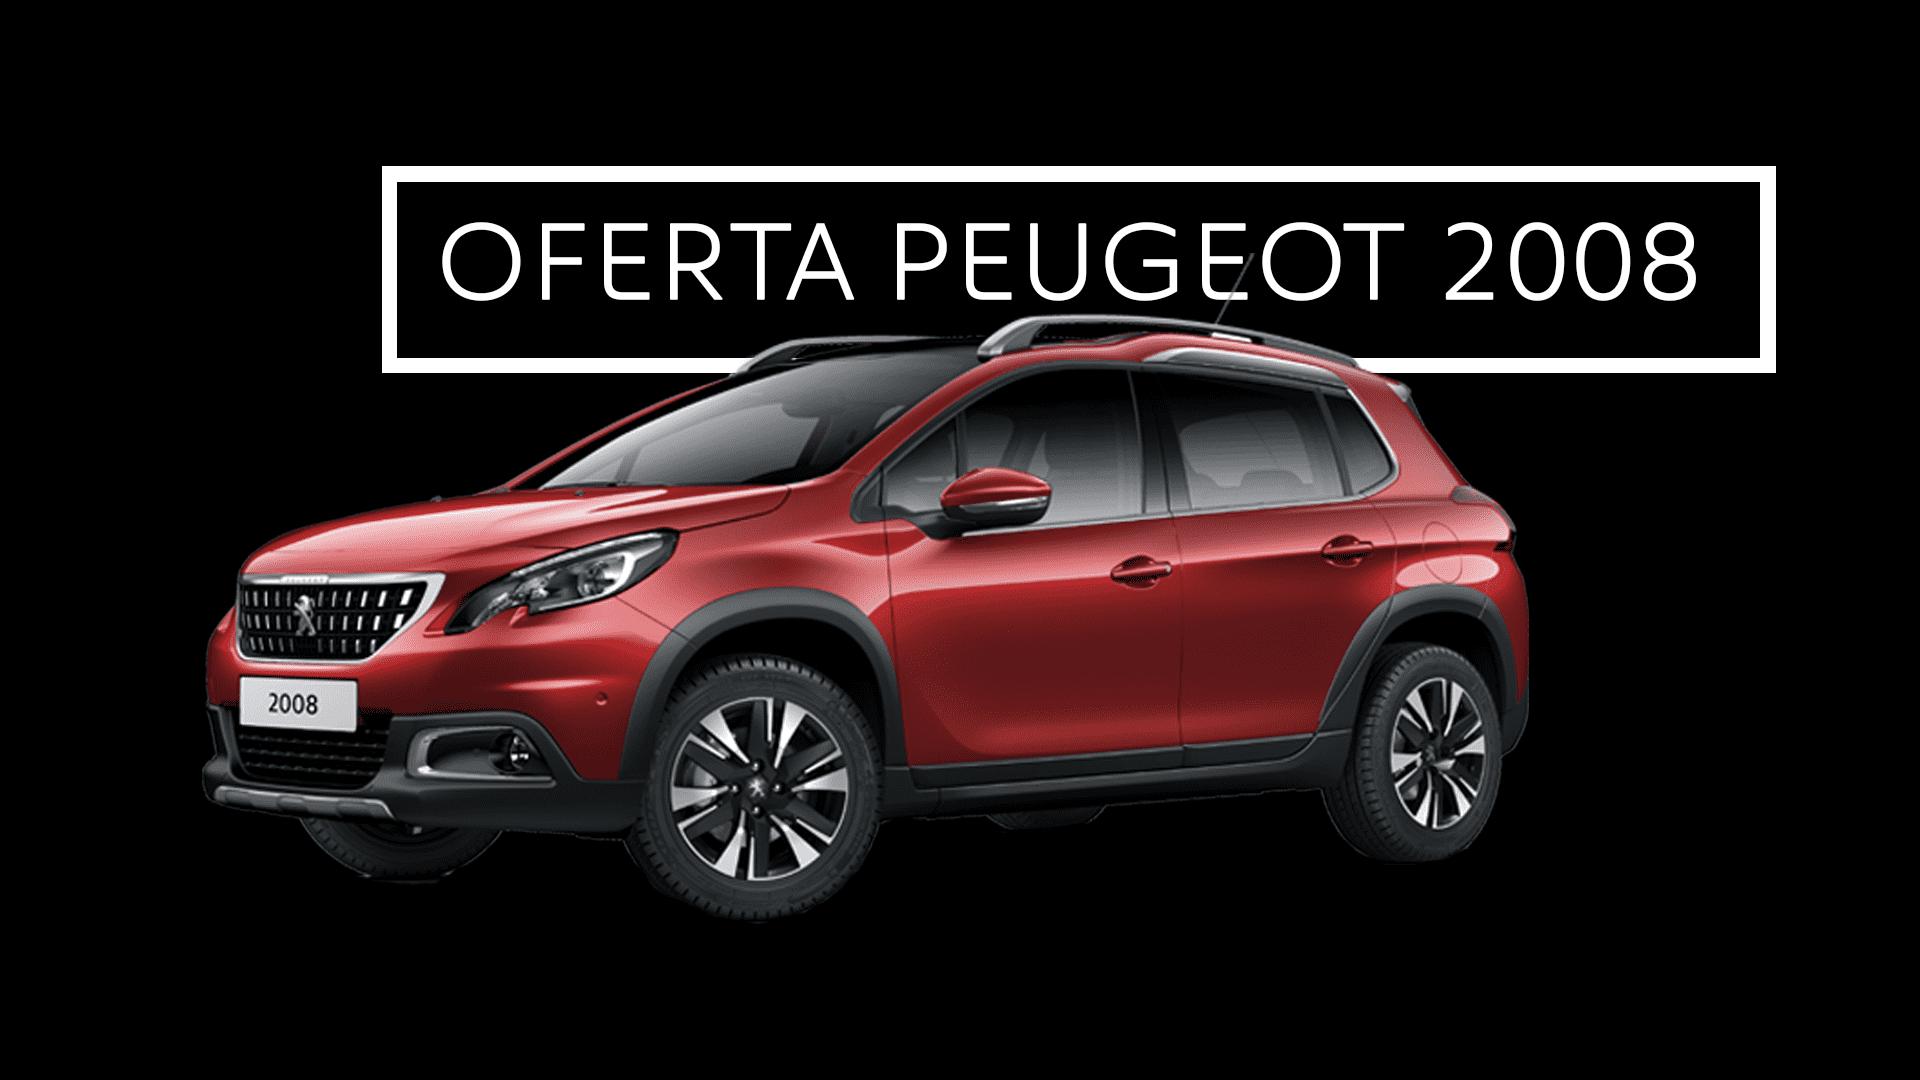 Estrena un Peugeot 2008 Allure con cámara, navegador y cristales tintados por 166€/mes